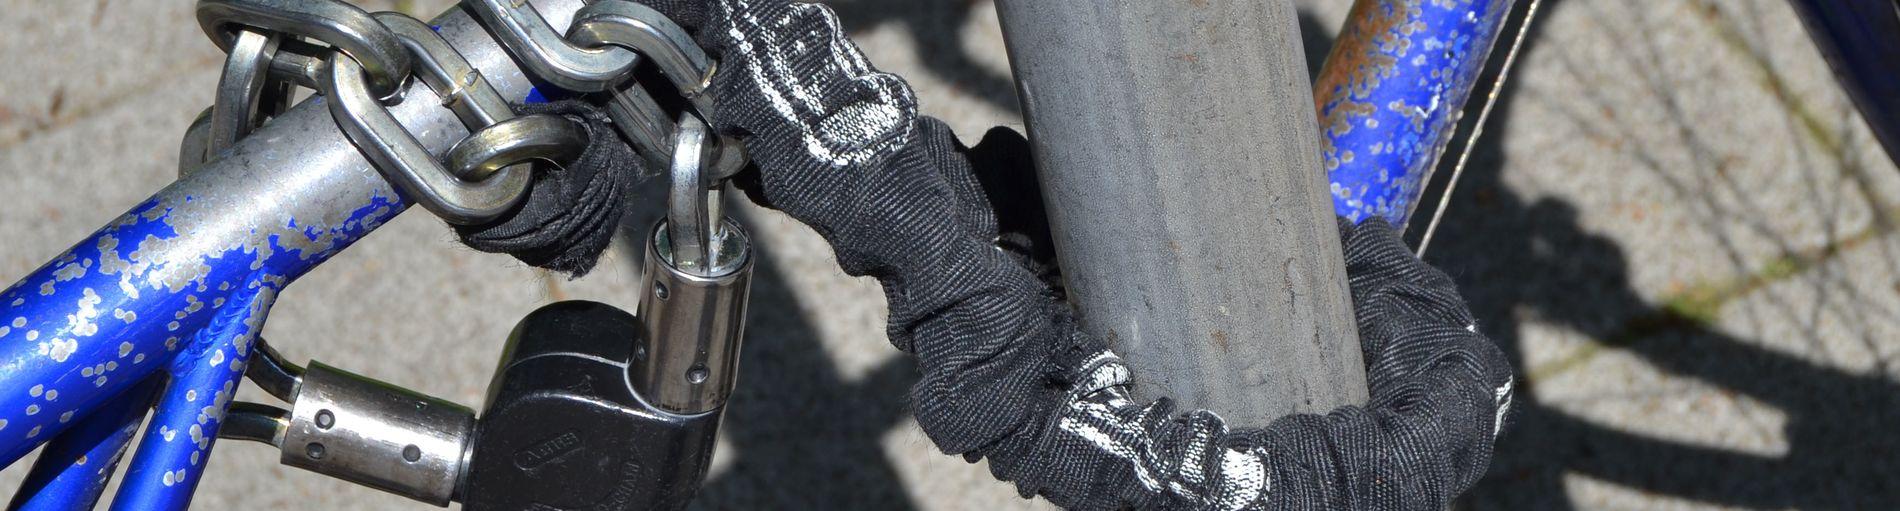 fahrrad geklaut diebstahl melden und fahrrad sichern. Black Bedroom Furniture Sets. Home Design Ideas